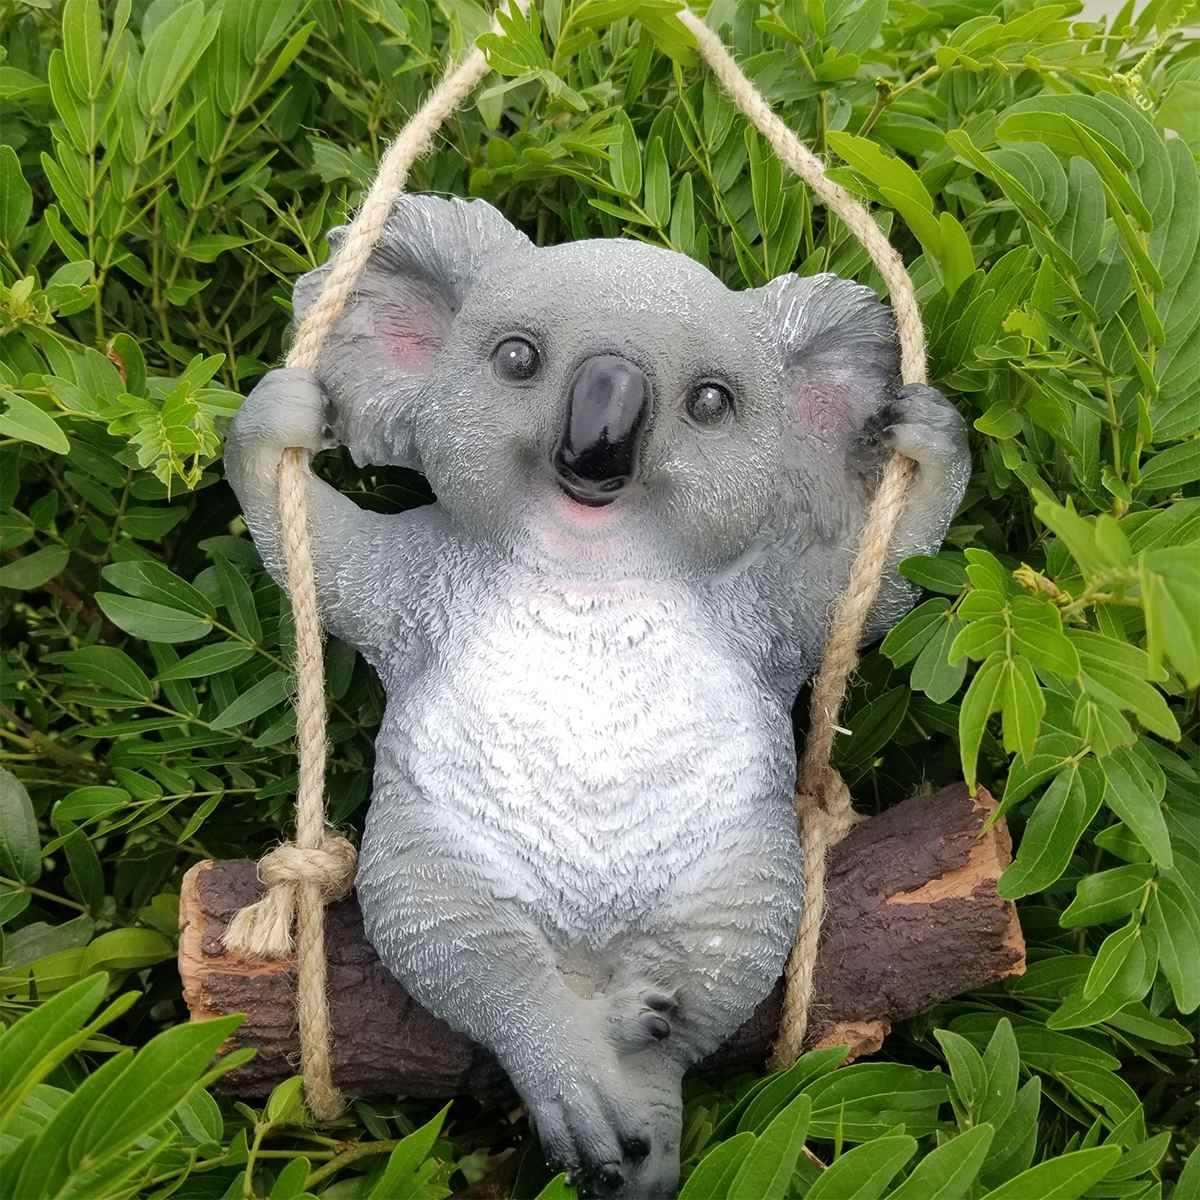 1 sztuk ogród dekoracja obejścia symulacja Koala huśtawka statua zwierząt rzeźba rzemiosło żywicy domu Ornament dekoracyjny